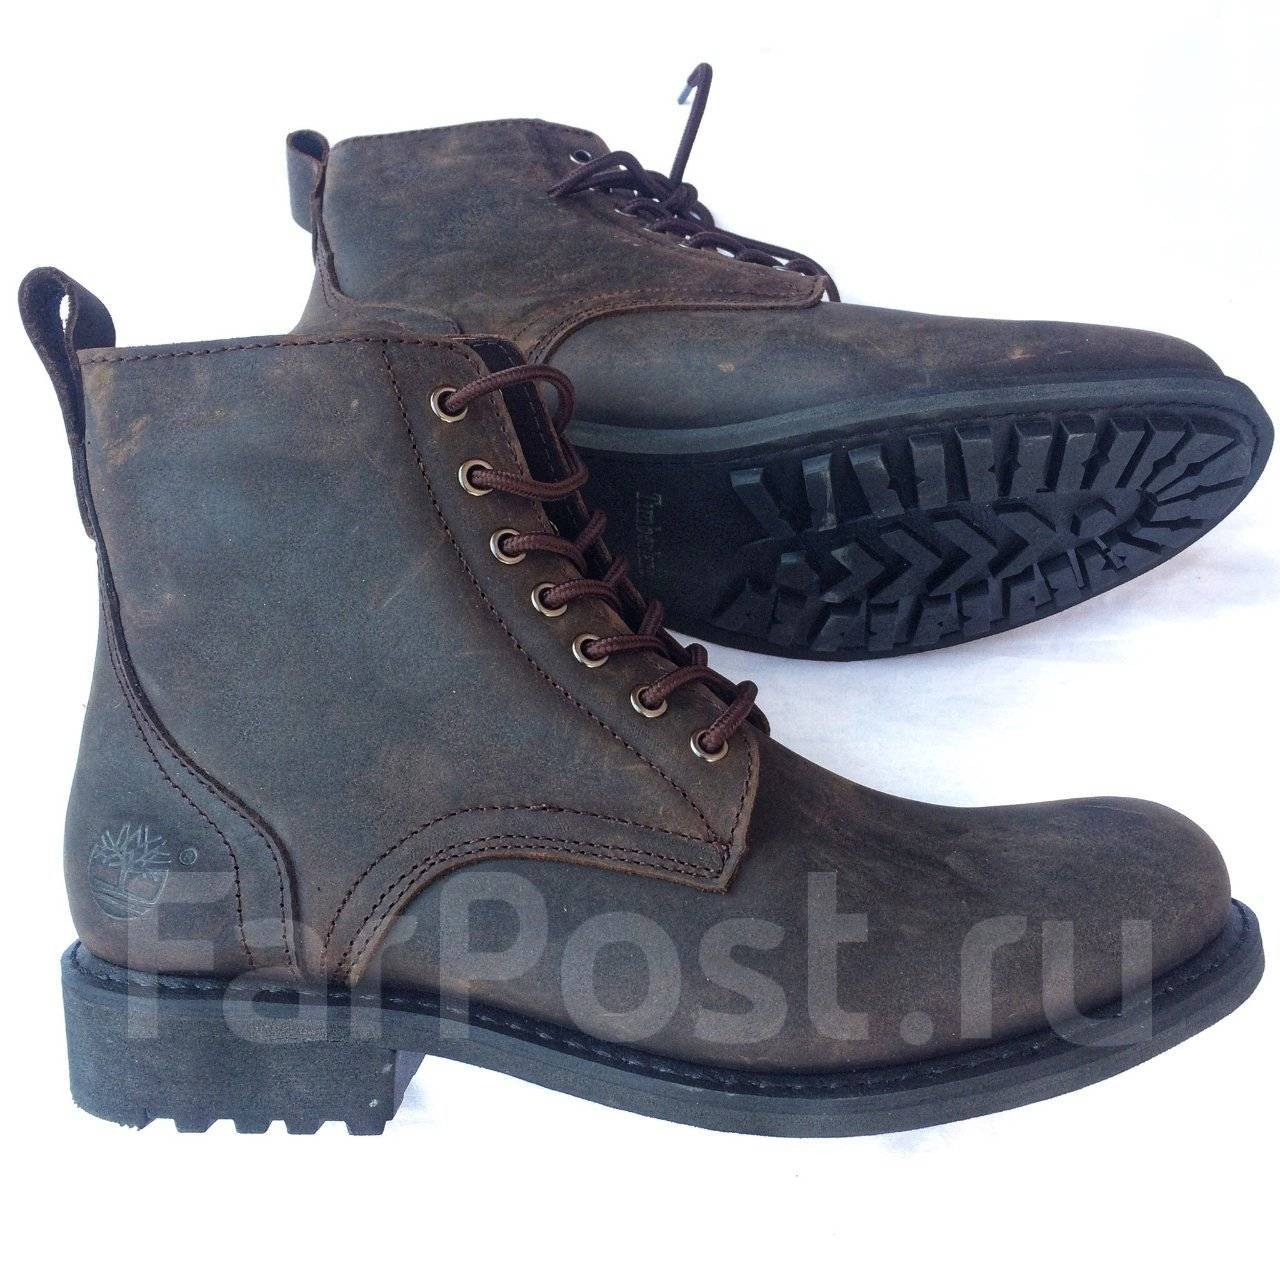 Ботинки Тимберленды мужские Размер  40 размера купить во Владивостоке.  Цены 1c722545a5b99